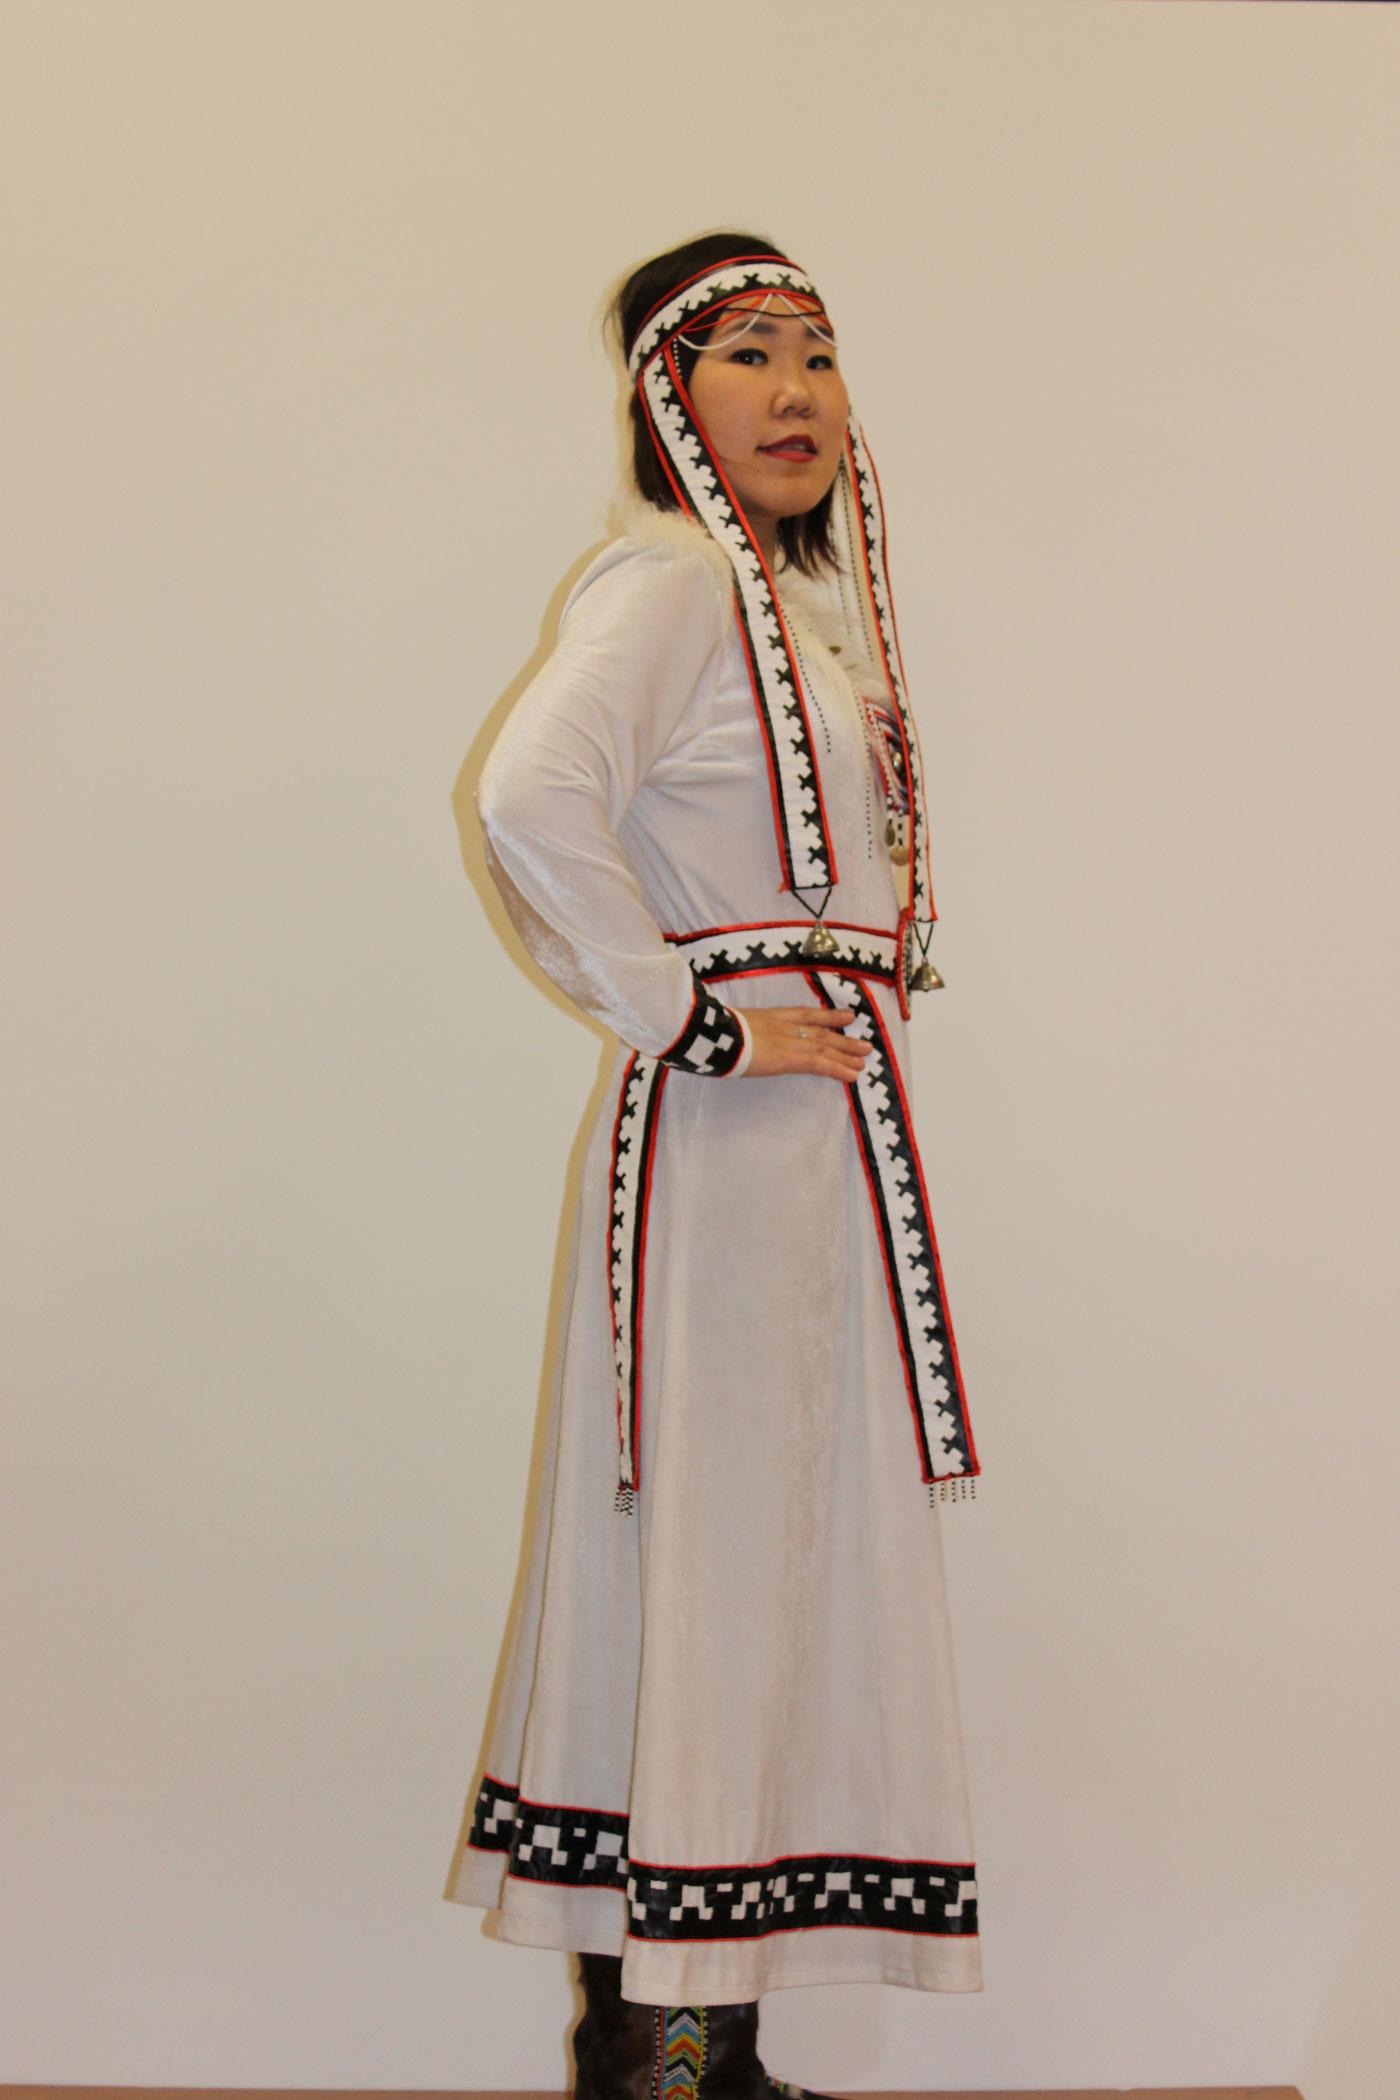 Нганасанская стил. Платье «Копта кичада - Девушка Луна» 2020год. Белый плюш, кожа, бисер.